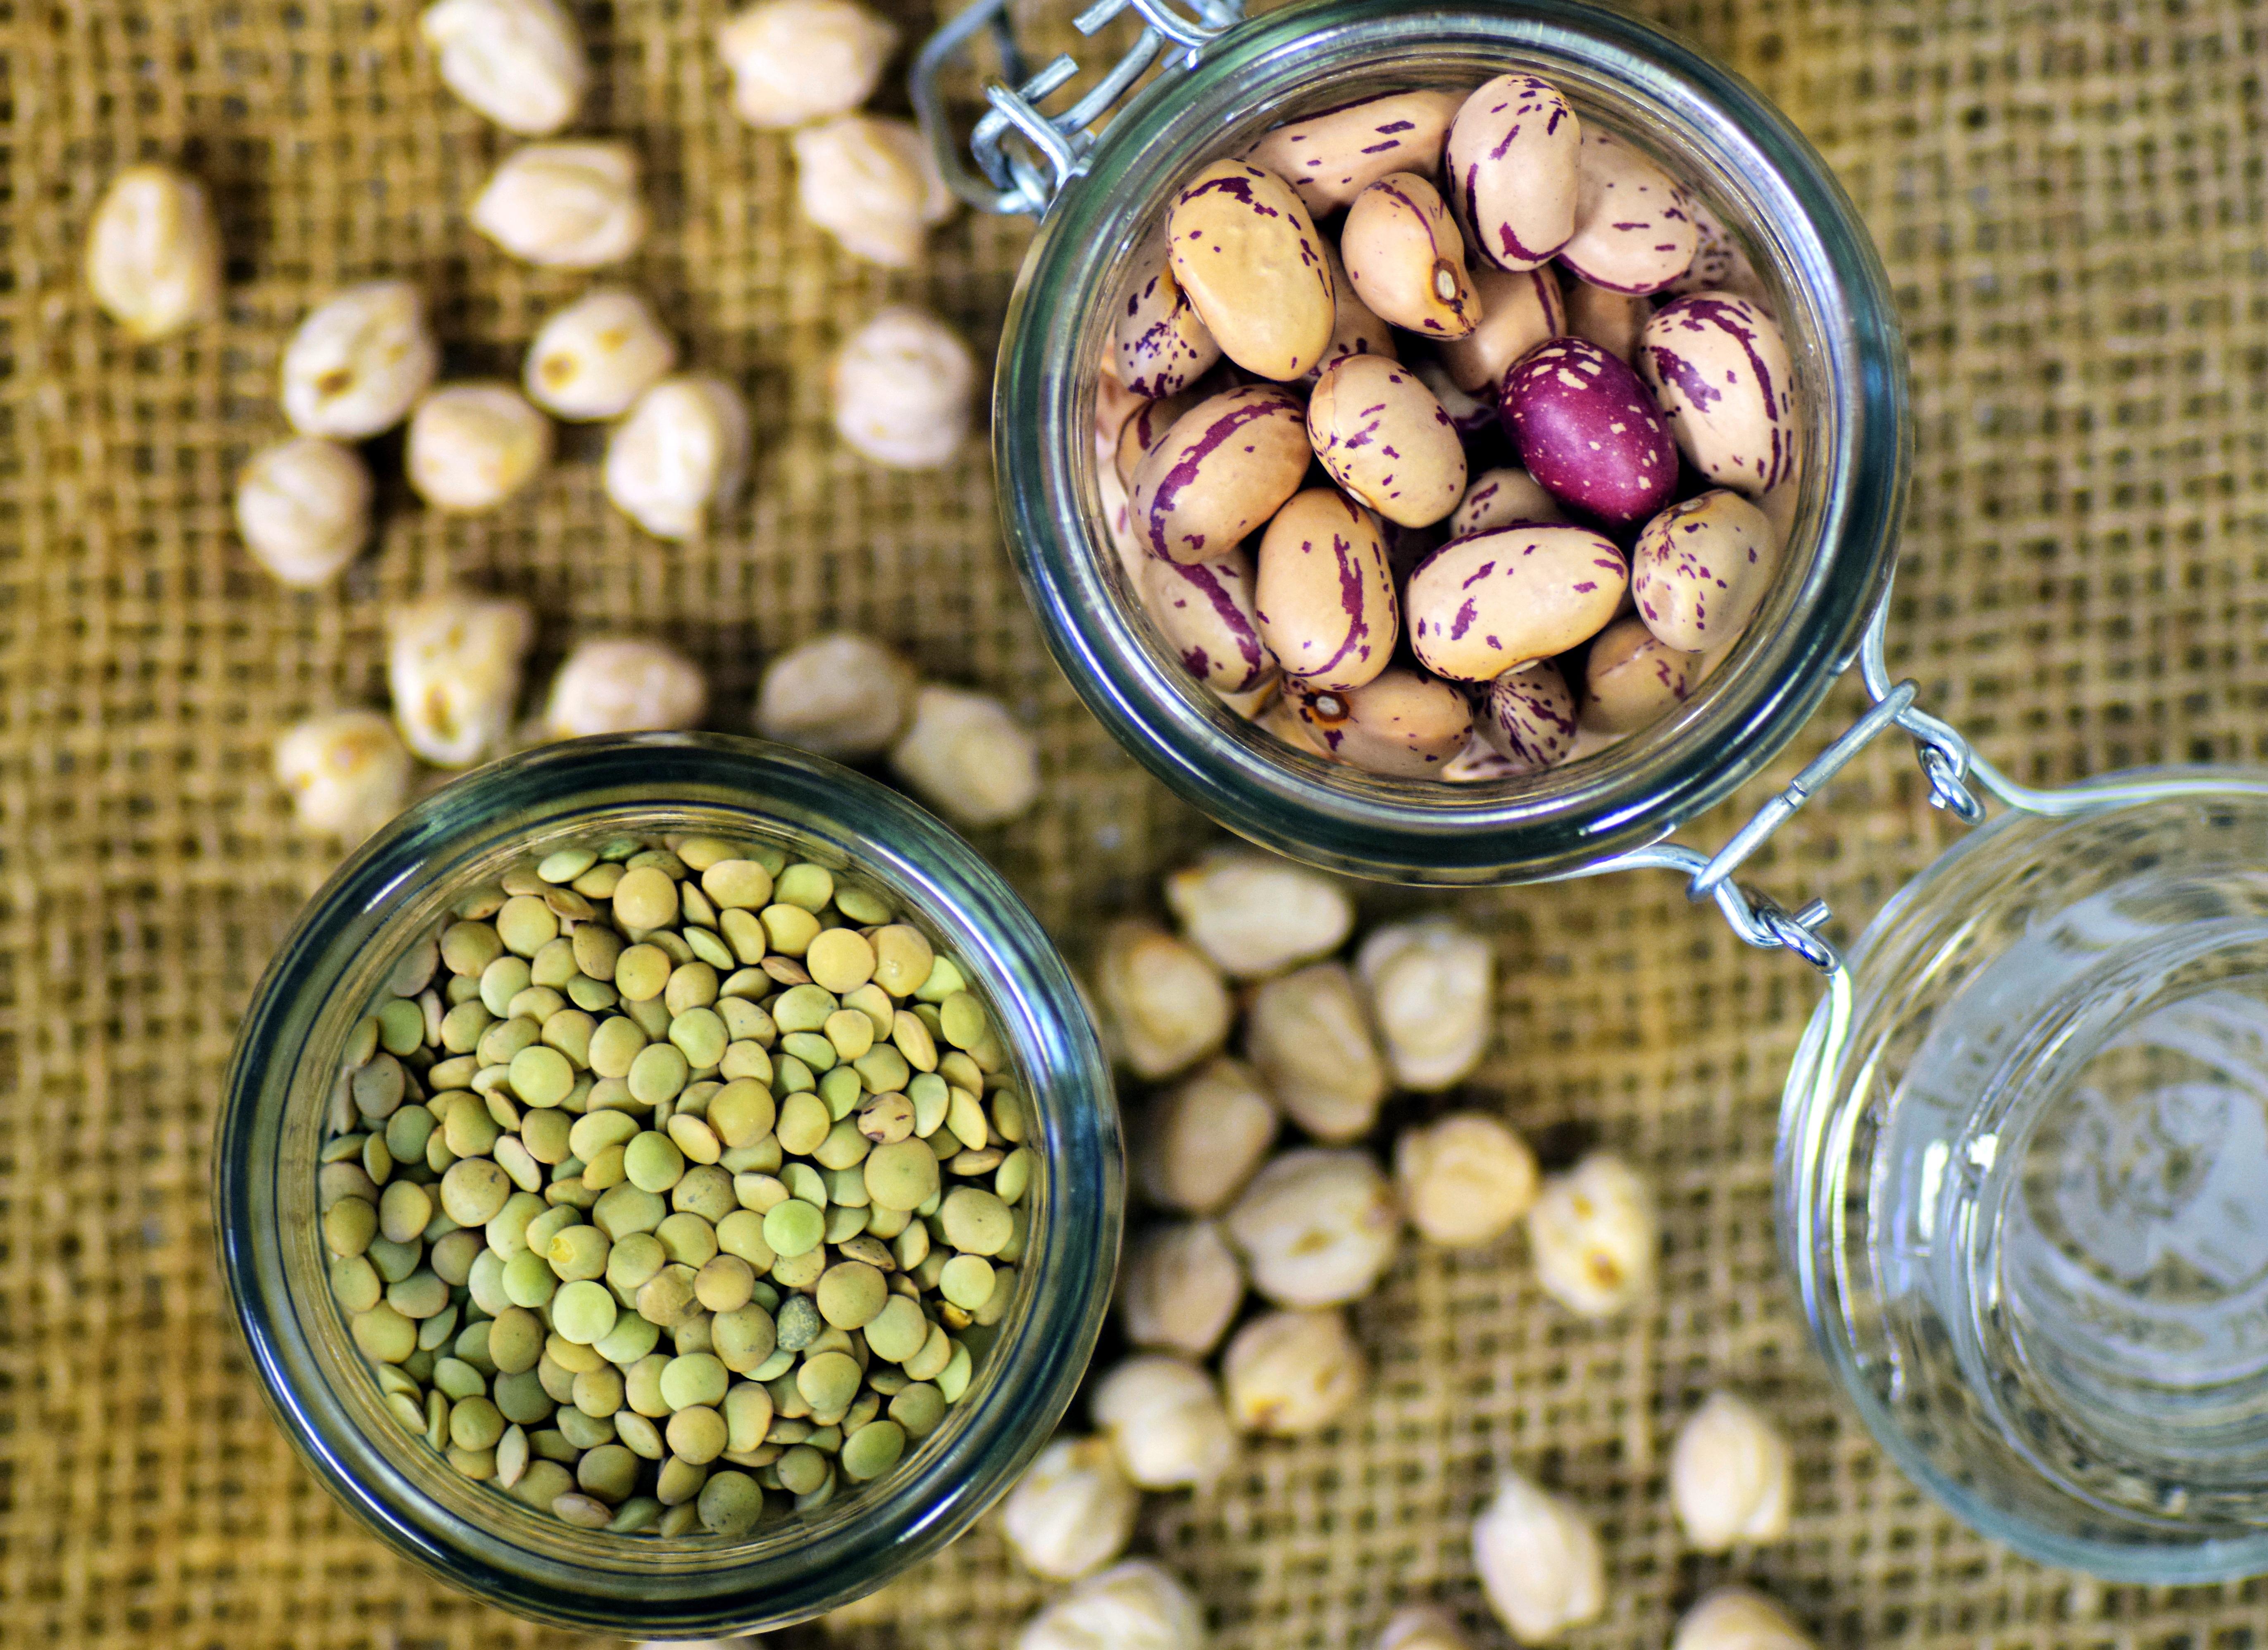 Kacang Polong Lensa Puyuh Kacangan Makanan Tanpa Daging Sehat Vegan Vegetarian Lezat